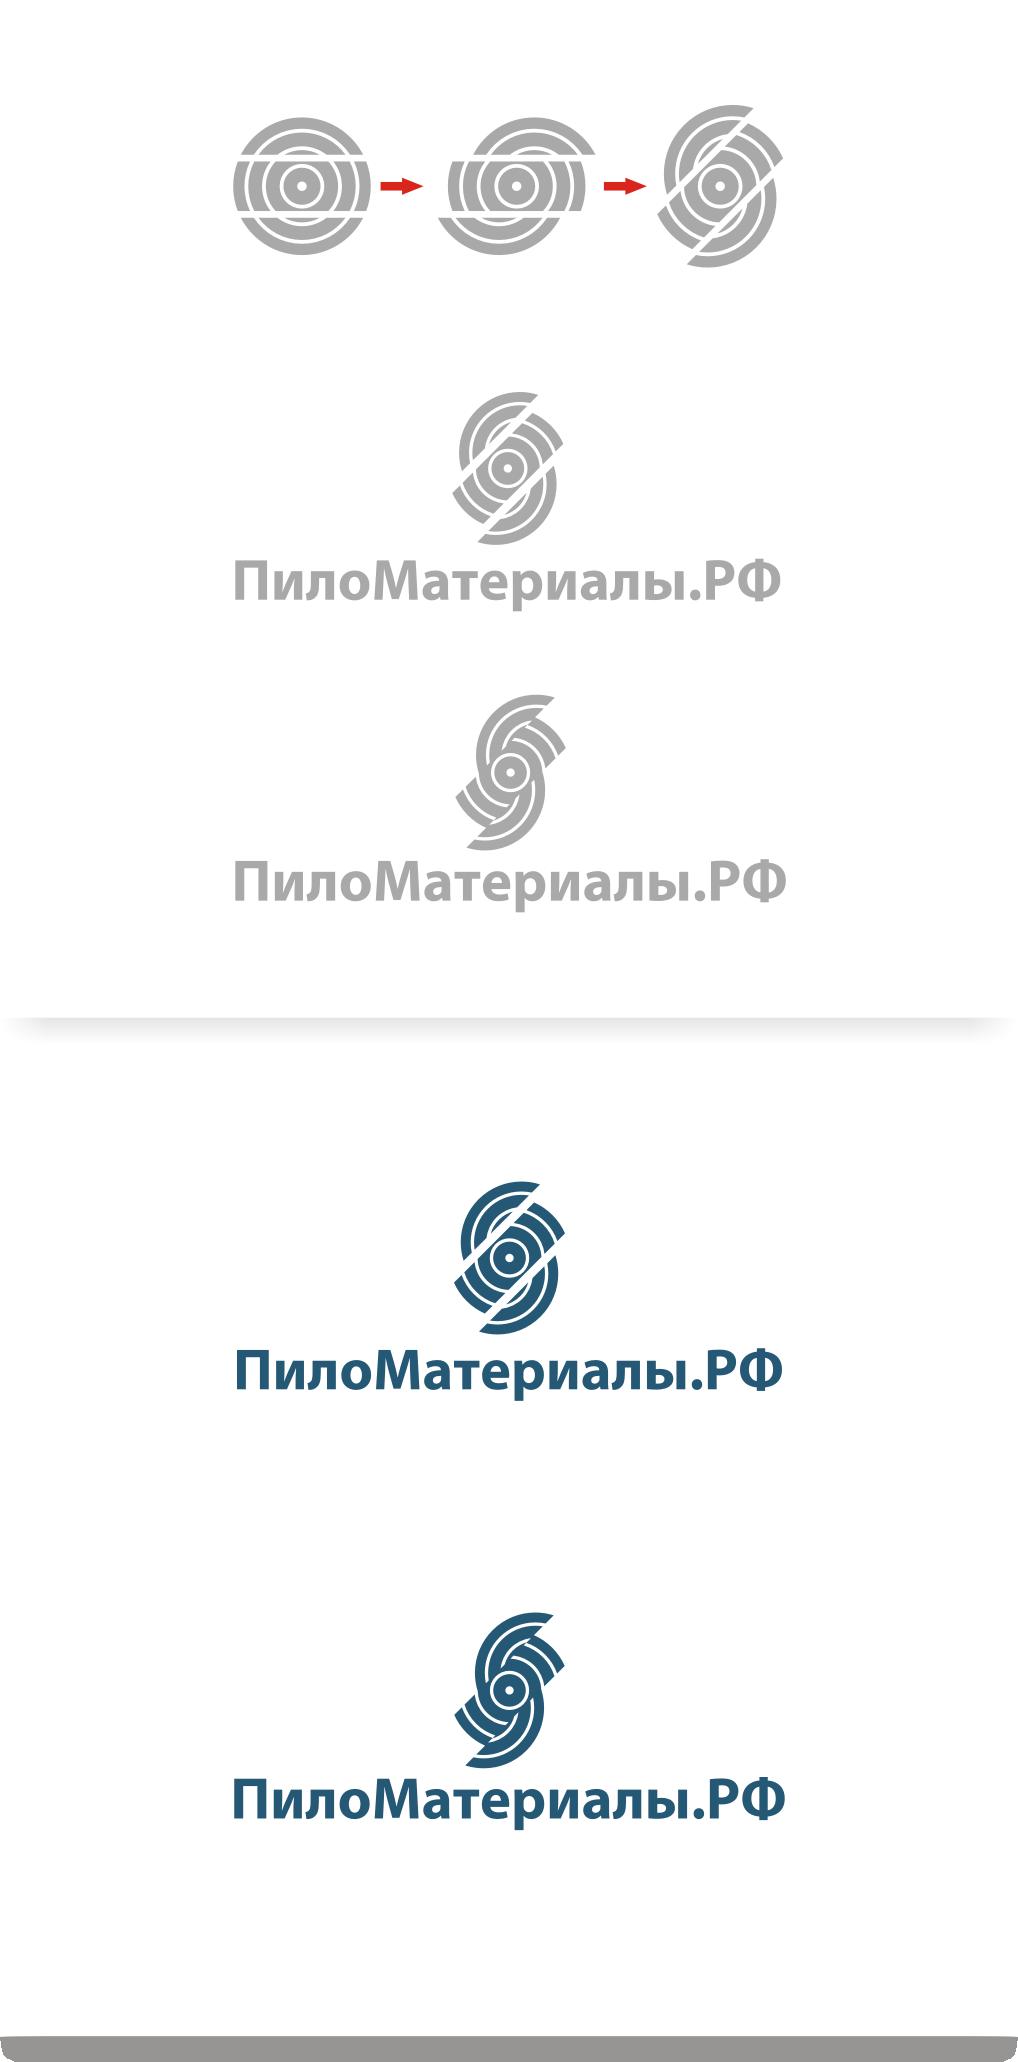 """Создание логотипа и фирменного стиля """"Пиломатериалы.РФ"""" фото f_8075307842420021.png"""